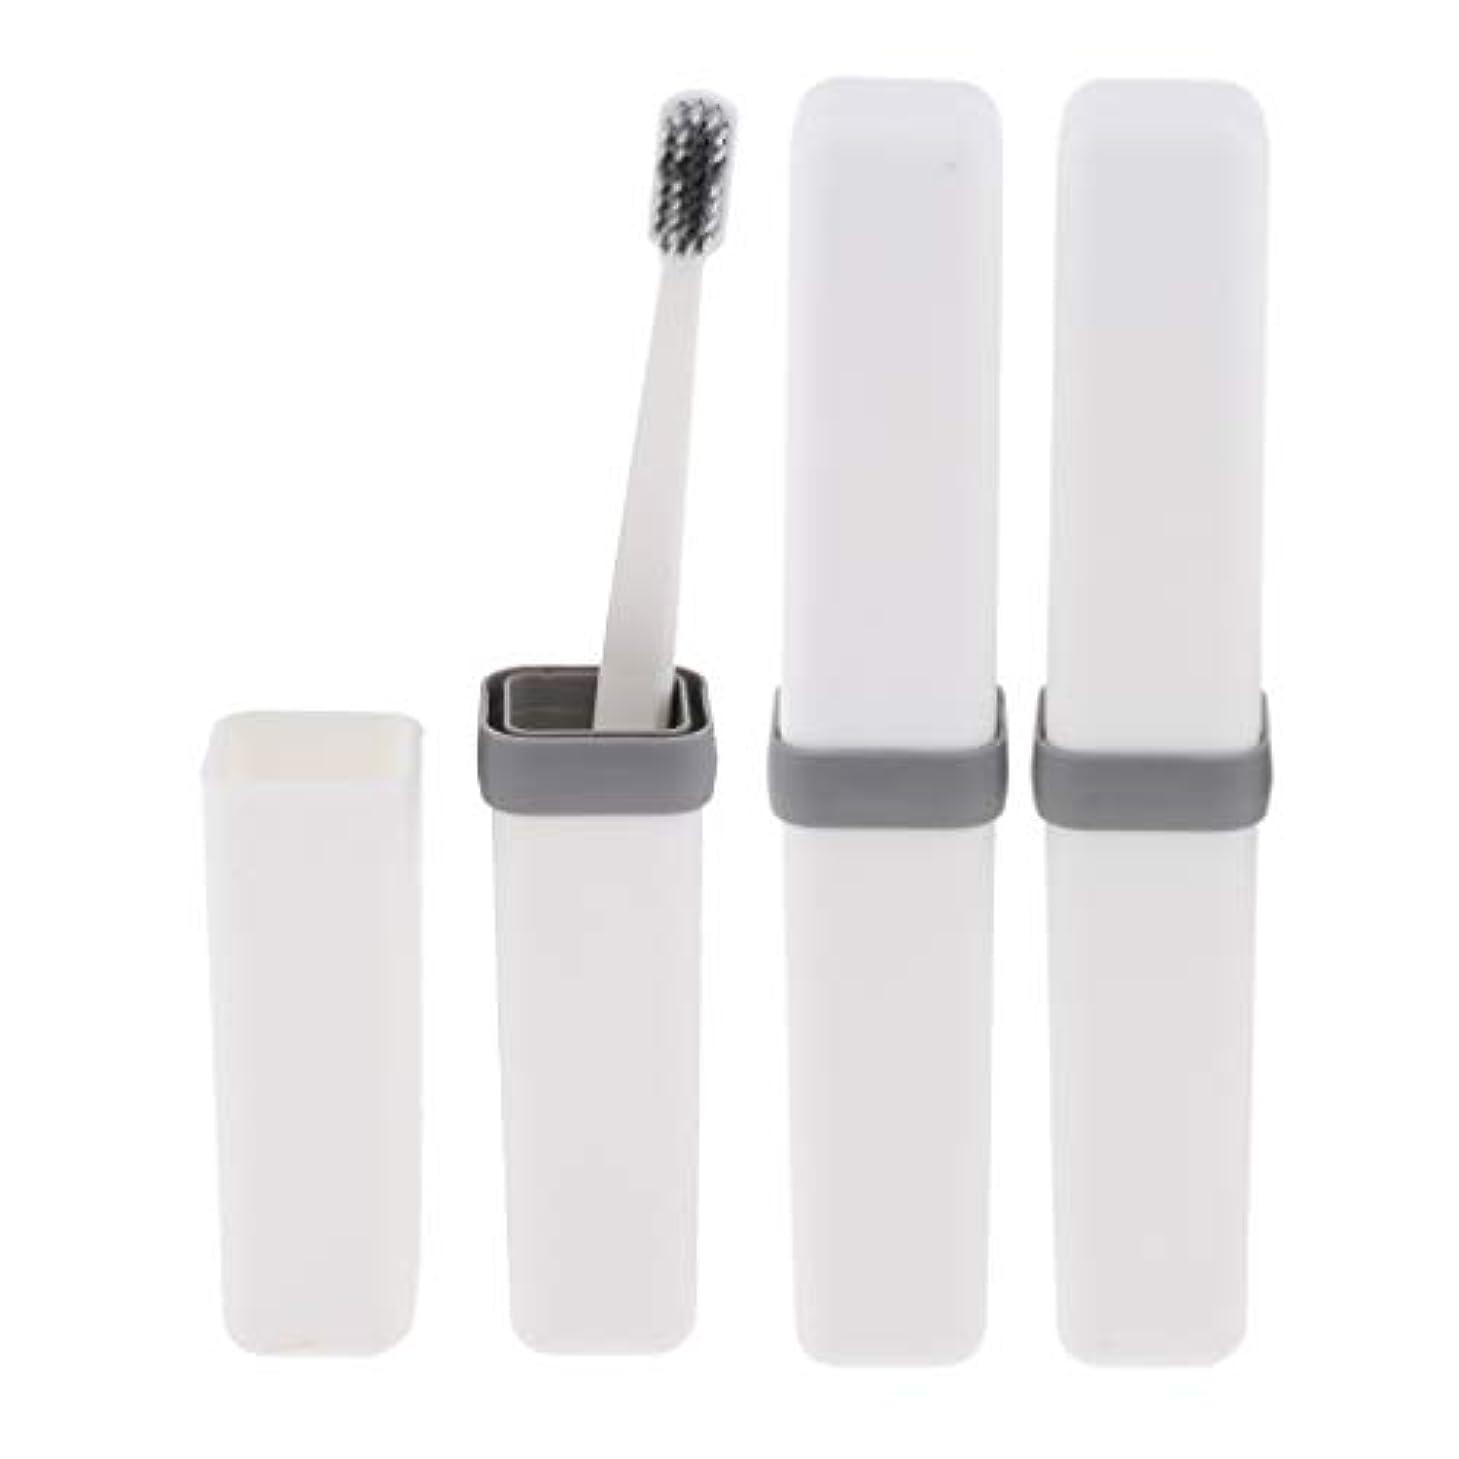 シンプトンホテルレーニン主義歯ブラシ 歯磨き 歯清潔 収納ボックス付 旅行 キャンプ 学校 軽量 携帯 実用的 3個 全4色 - 白